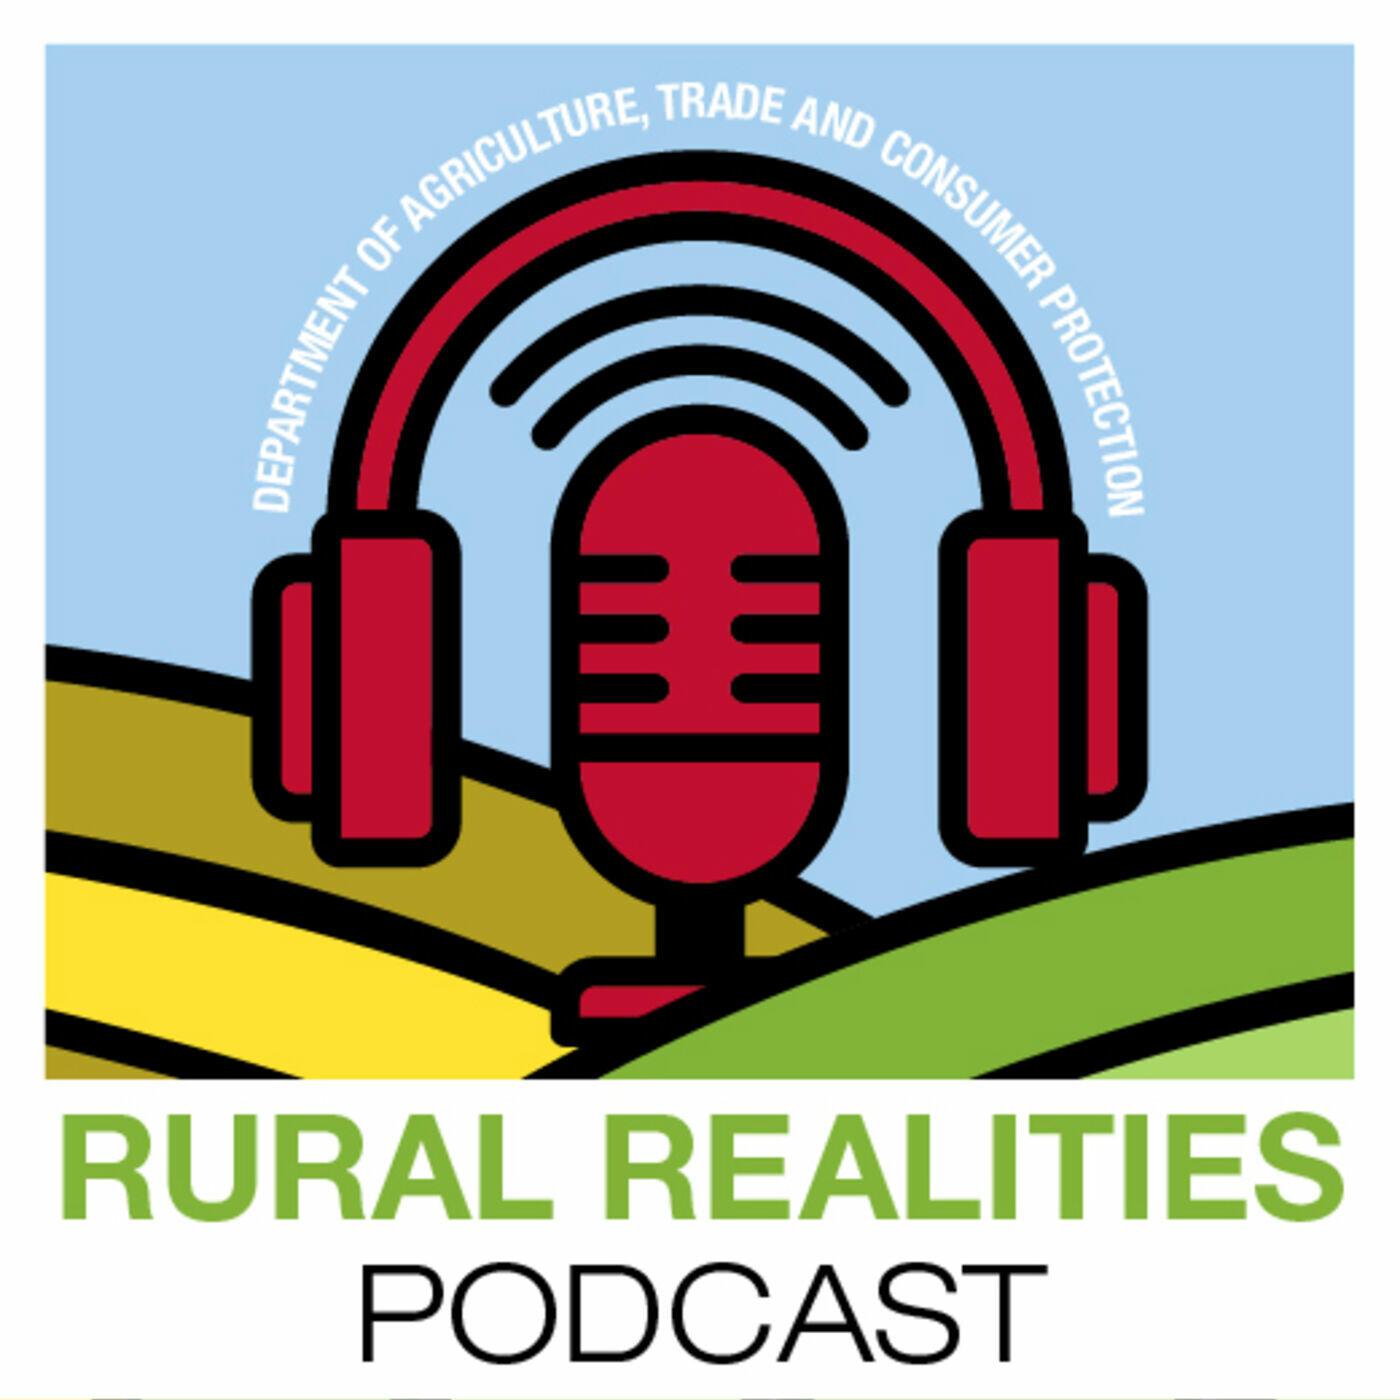 Rural Realities